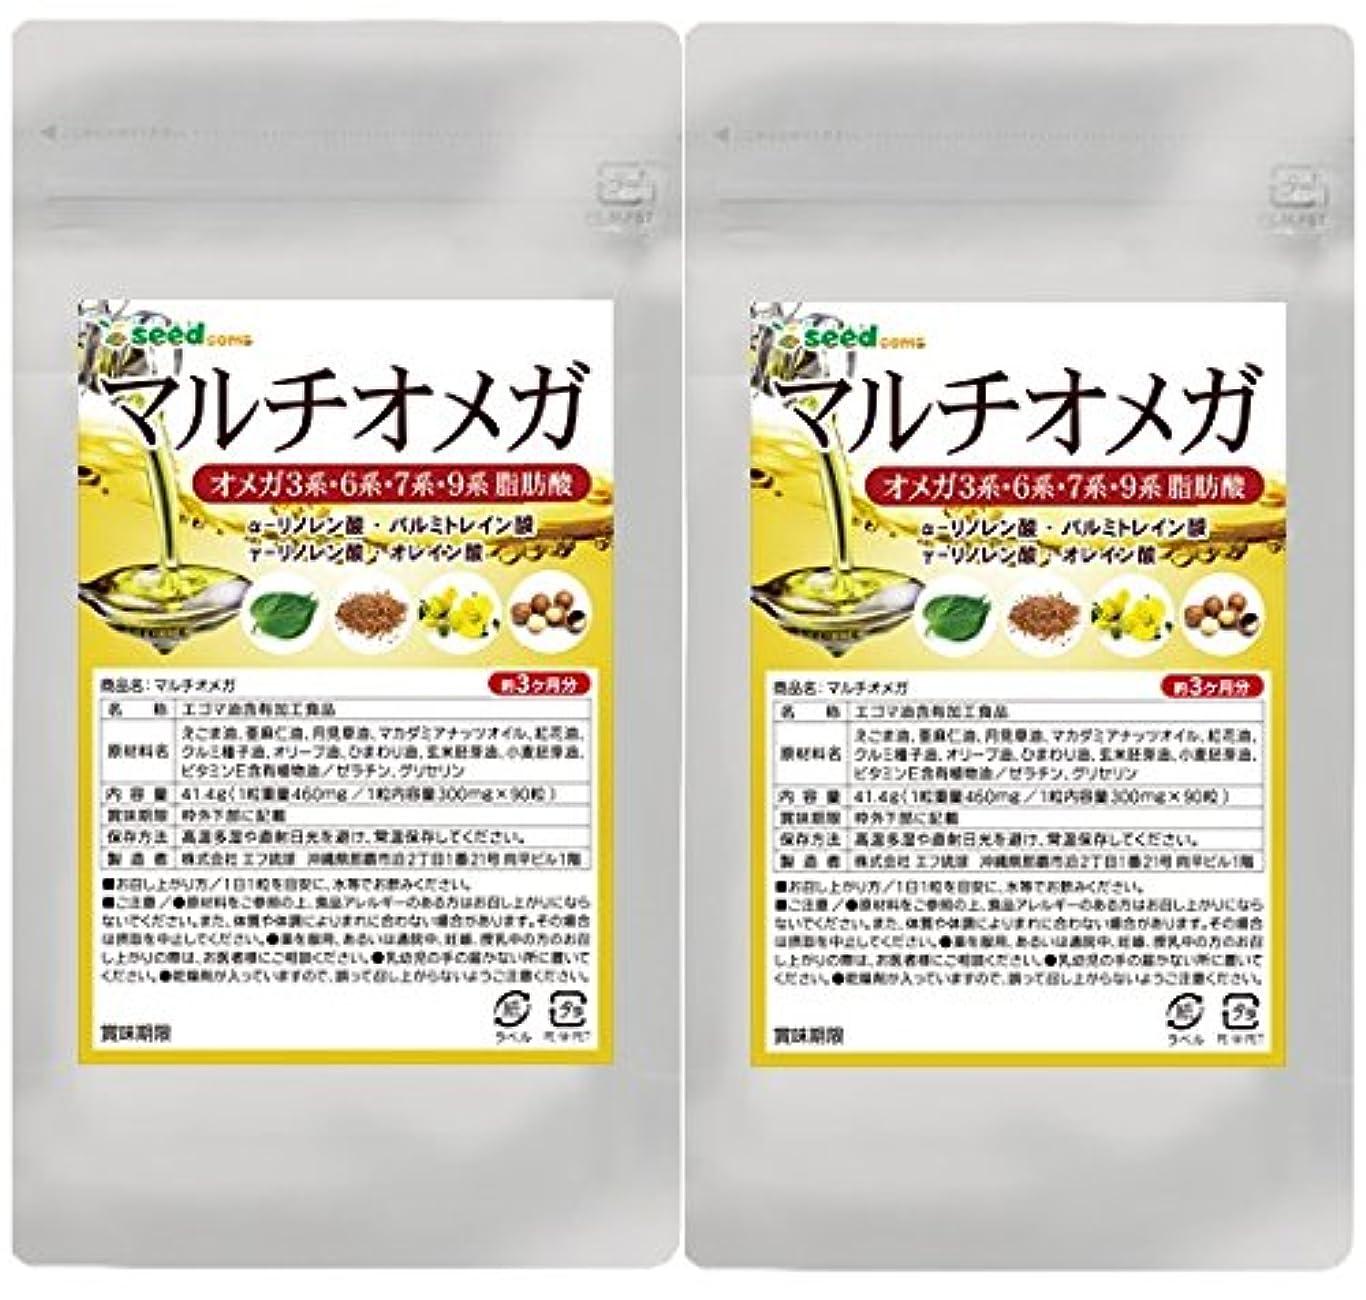 アパルドラム立ち向かう【 seedcoms シードコムス 公式 】マルチオメガ(約6ヶ月分/180粒) えごま油 亜麻仁油 など 4種のオメガオイル